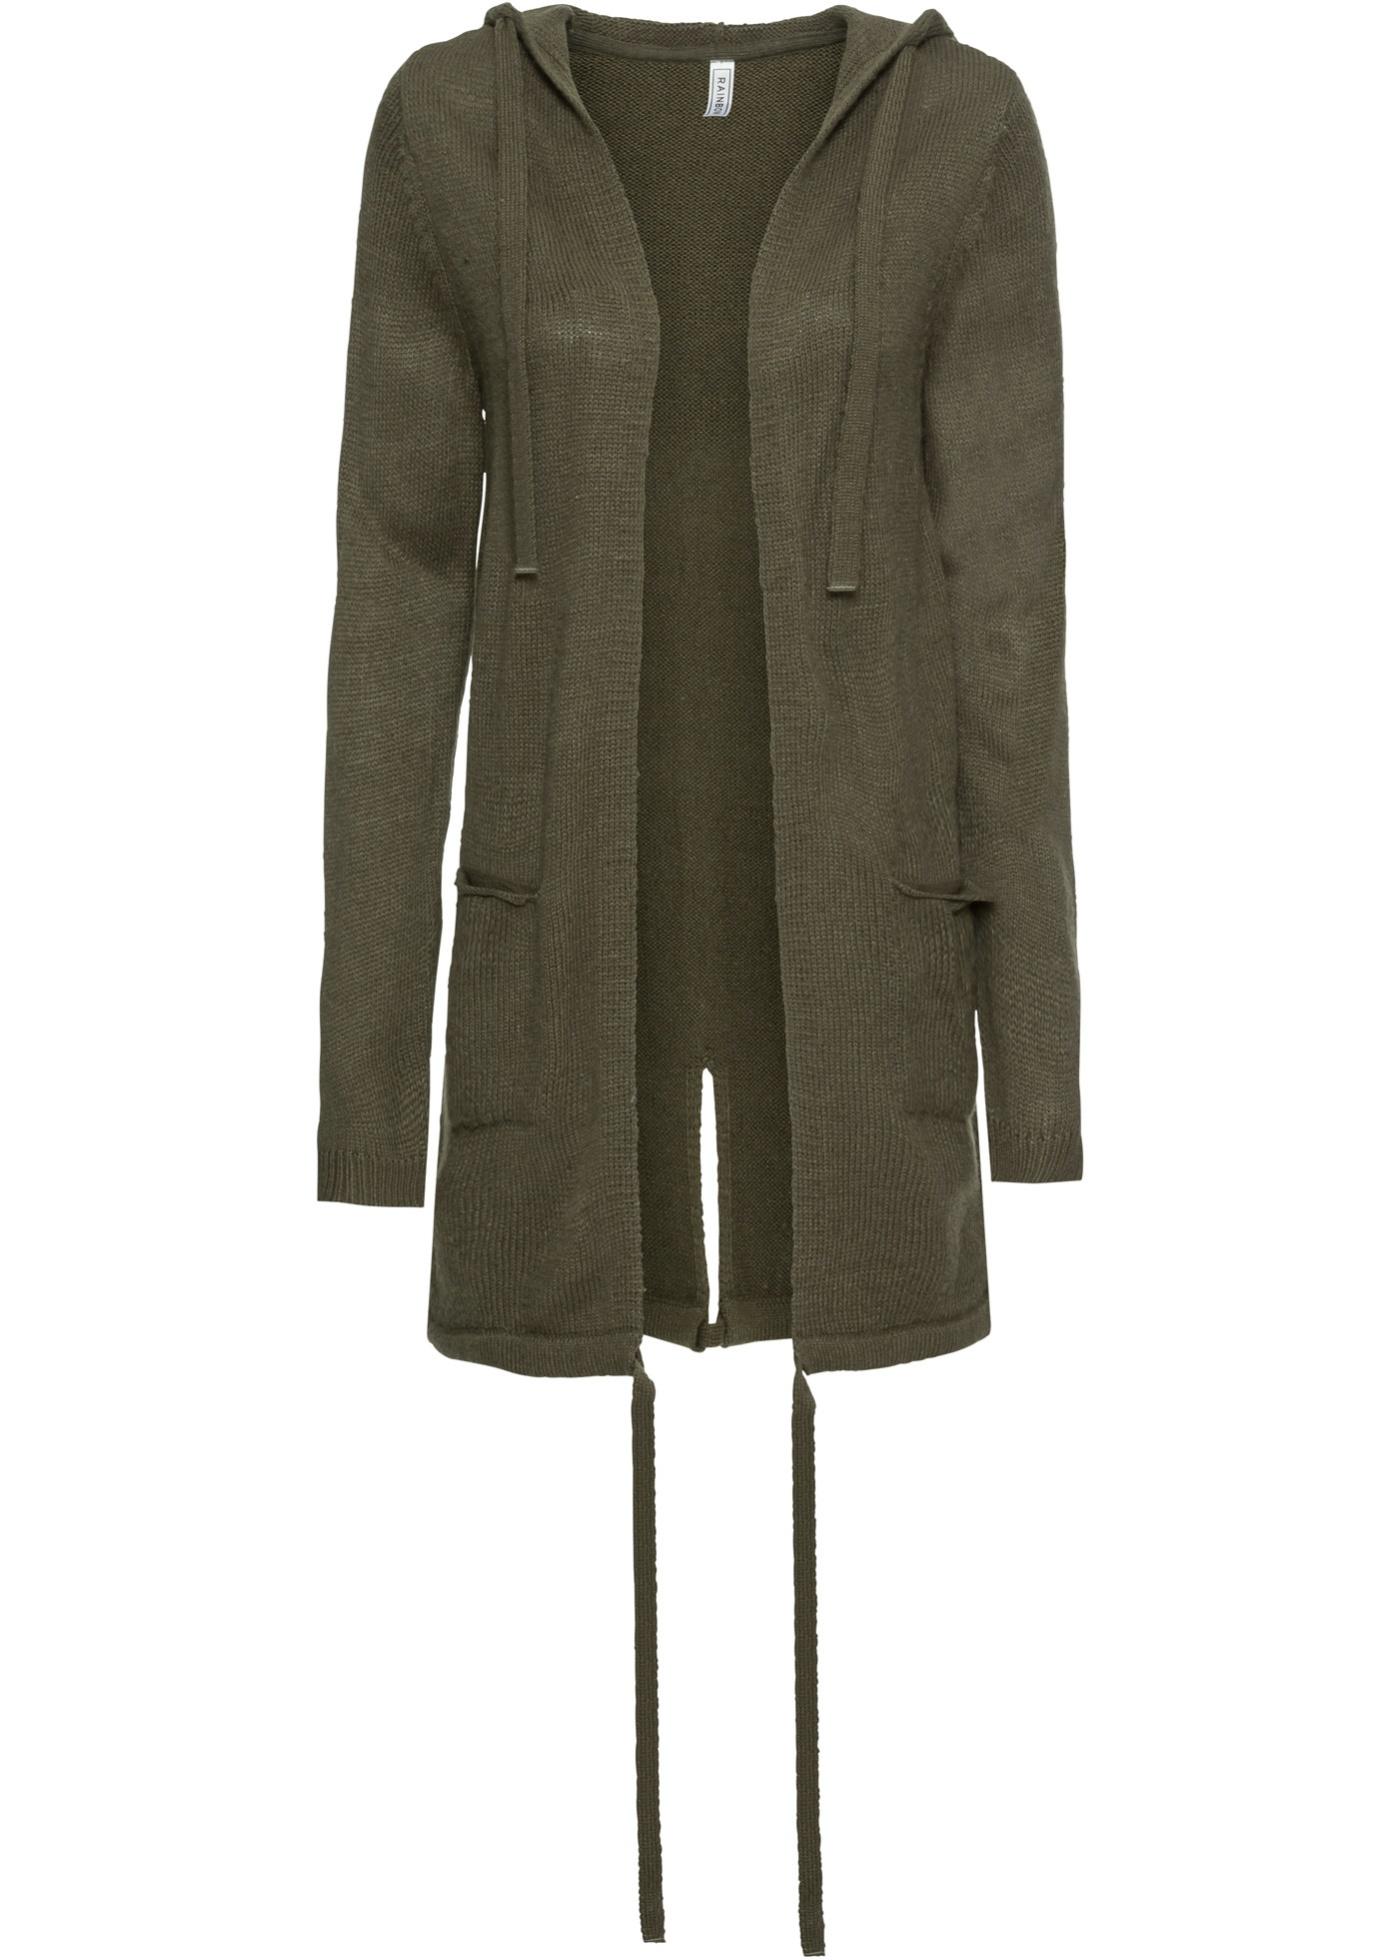 Pletený kabátek s kapsami a kapucí - Zelená